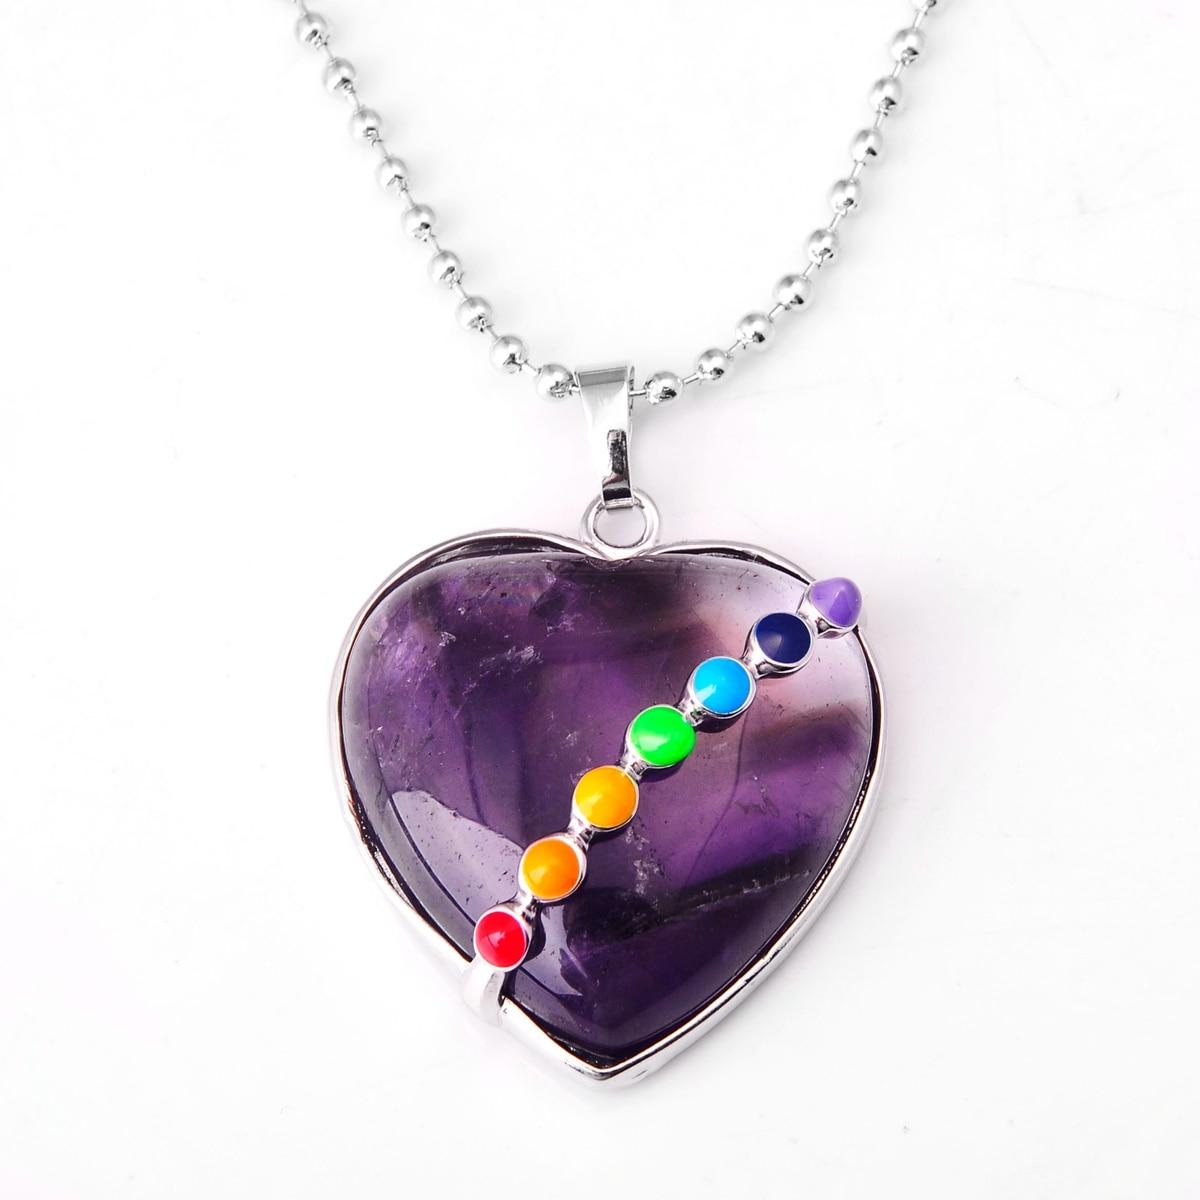 ASHMITA малахитовое сердце из кабошона с 7 чакра камень кулон ожерелье - Окраска металла: 06